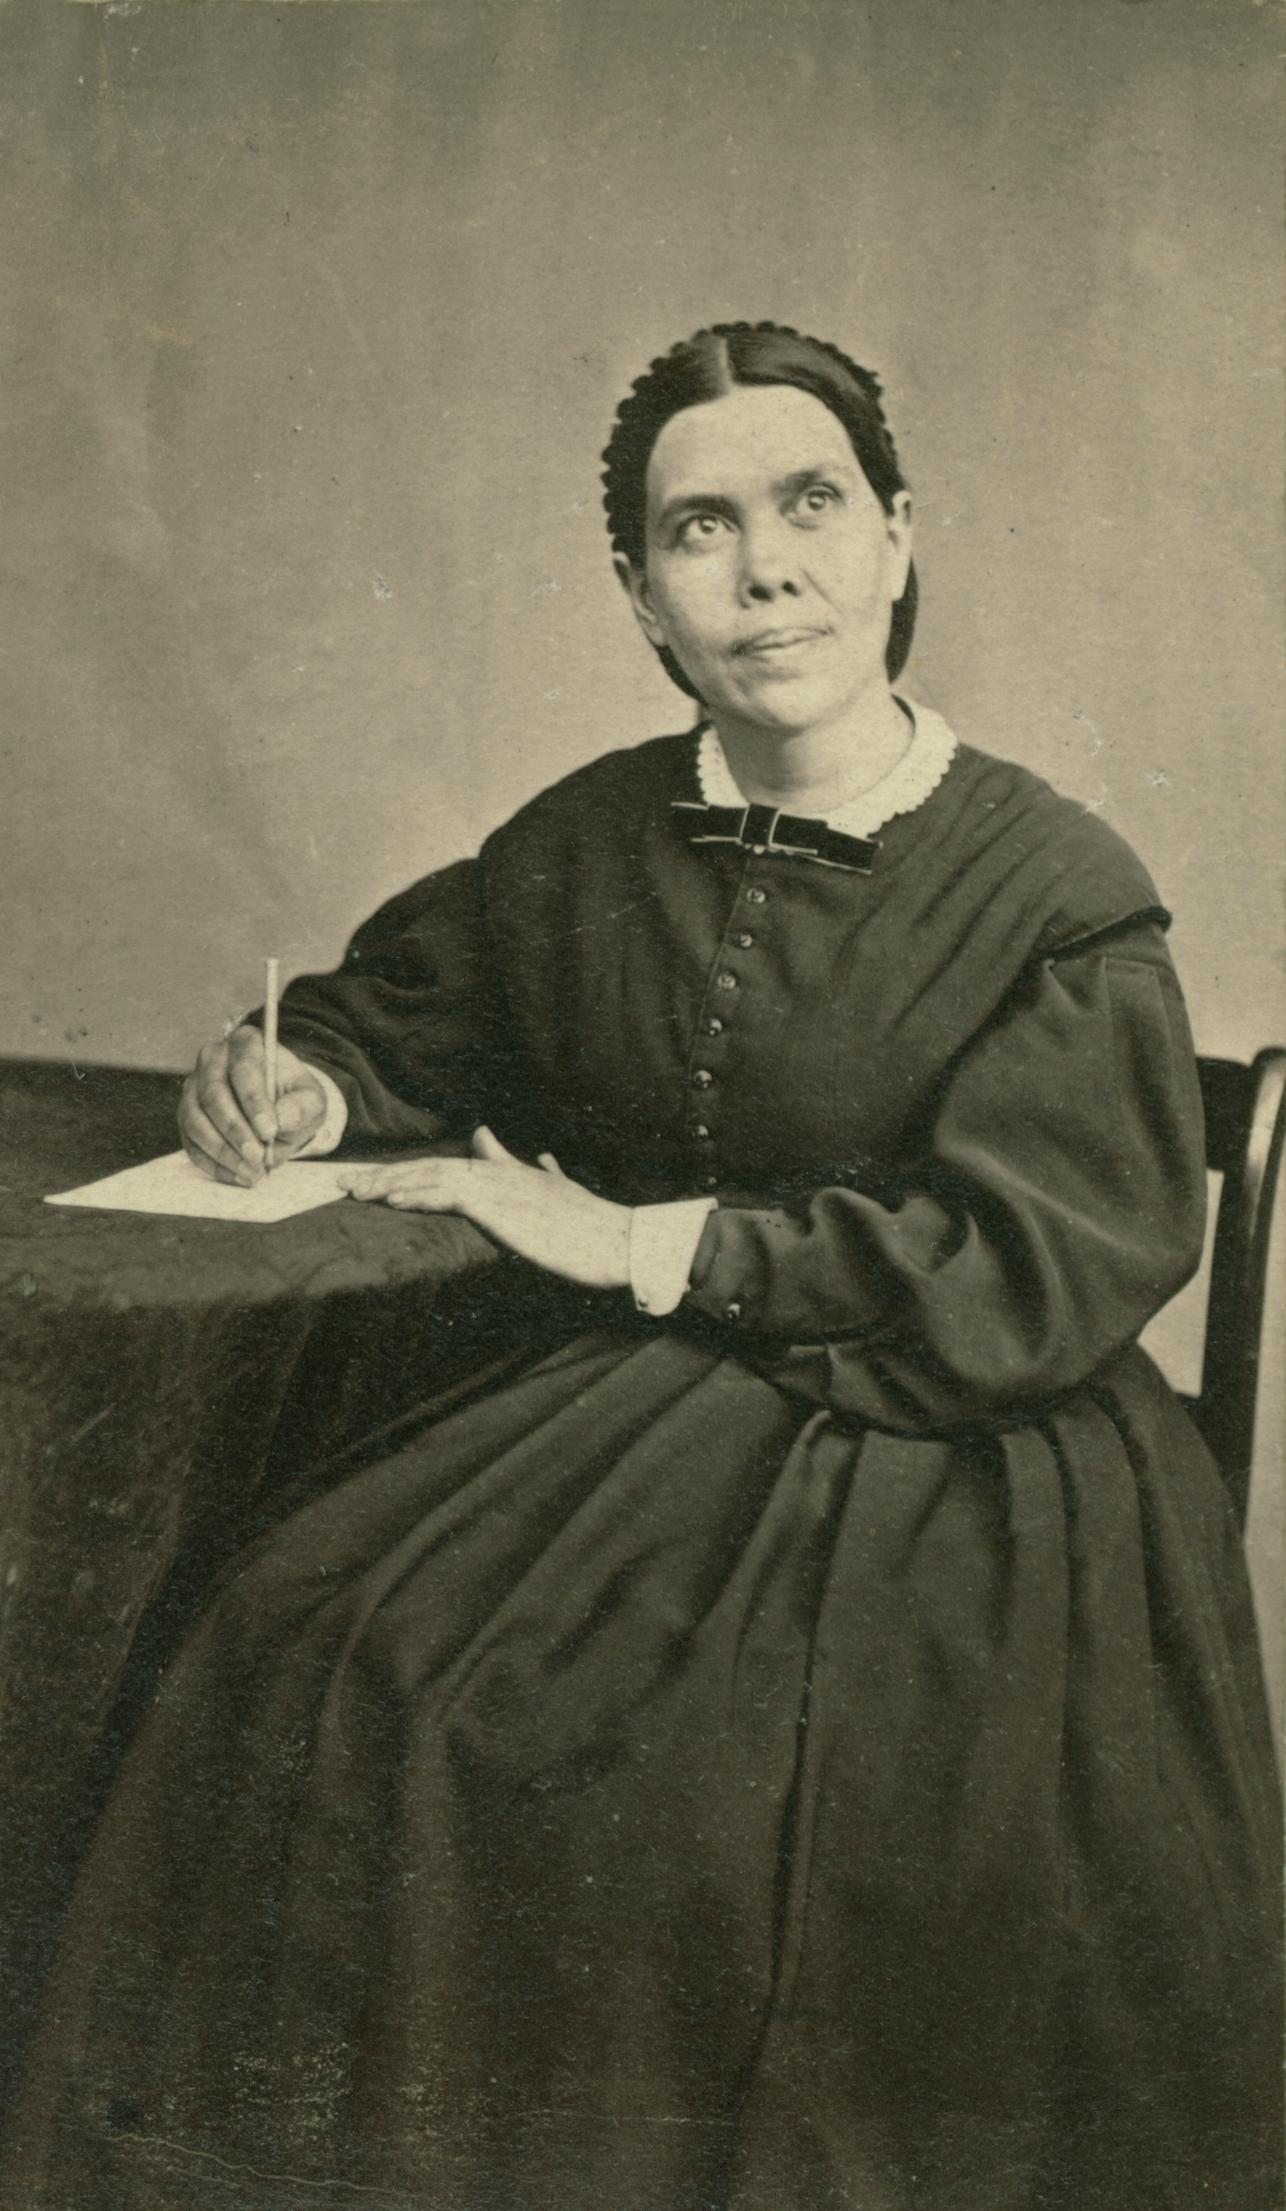 A partir de su primera visión a los 17 años, el ministerio profético de Ellen White se extendió durante 70 años.